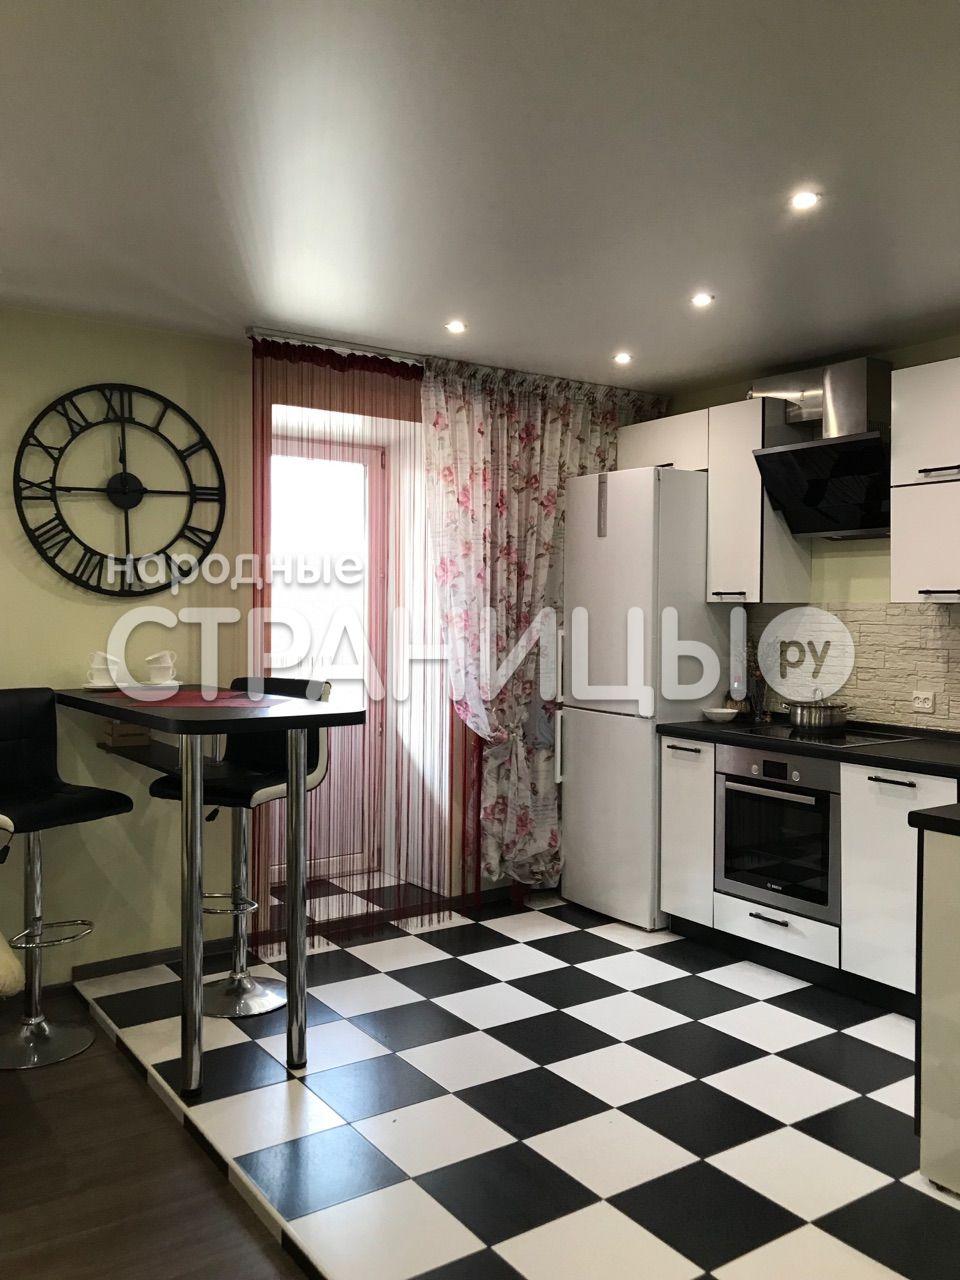 2-комнатная квартира, 53.5 м²,  4/10 эт. Кирпичный дом